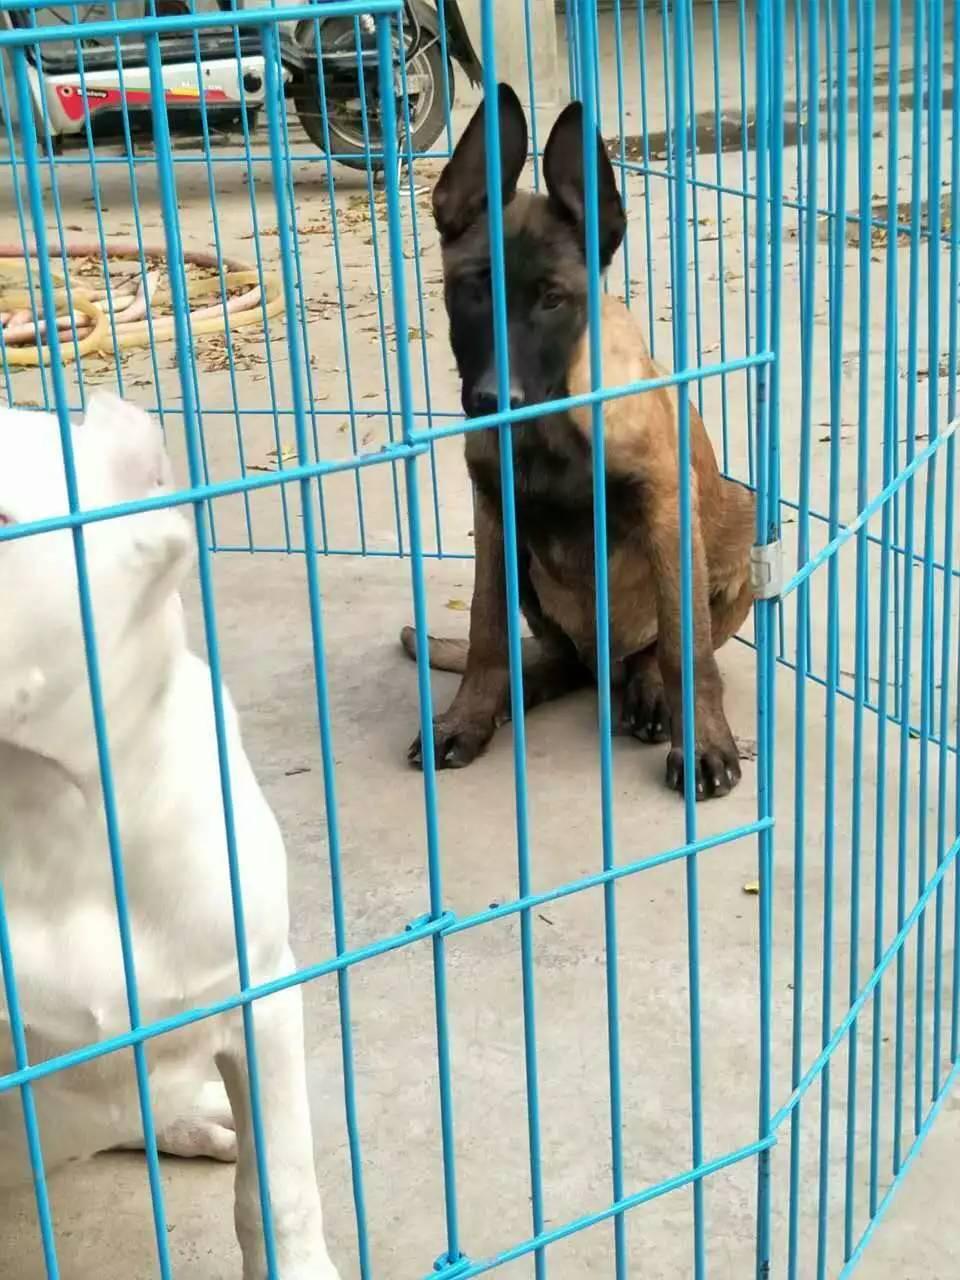 出售墨届黑狼犬牧羊犬莱州红犬狼青犬比特犬马犬杜高卡斯罗等猛犬